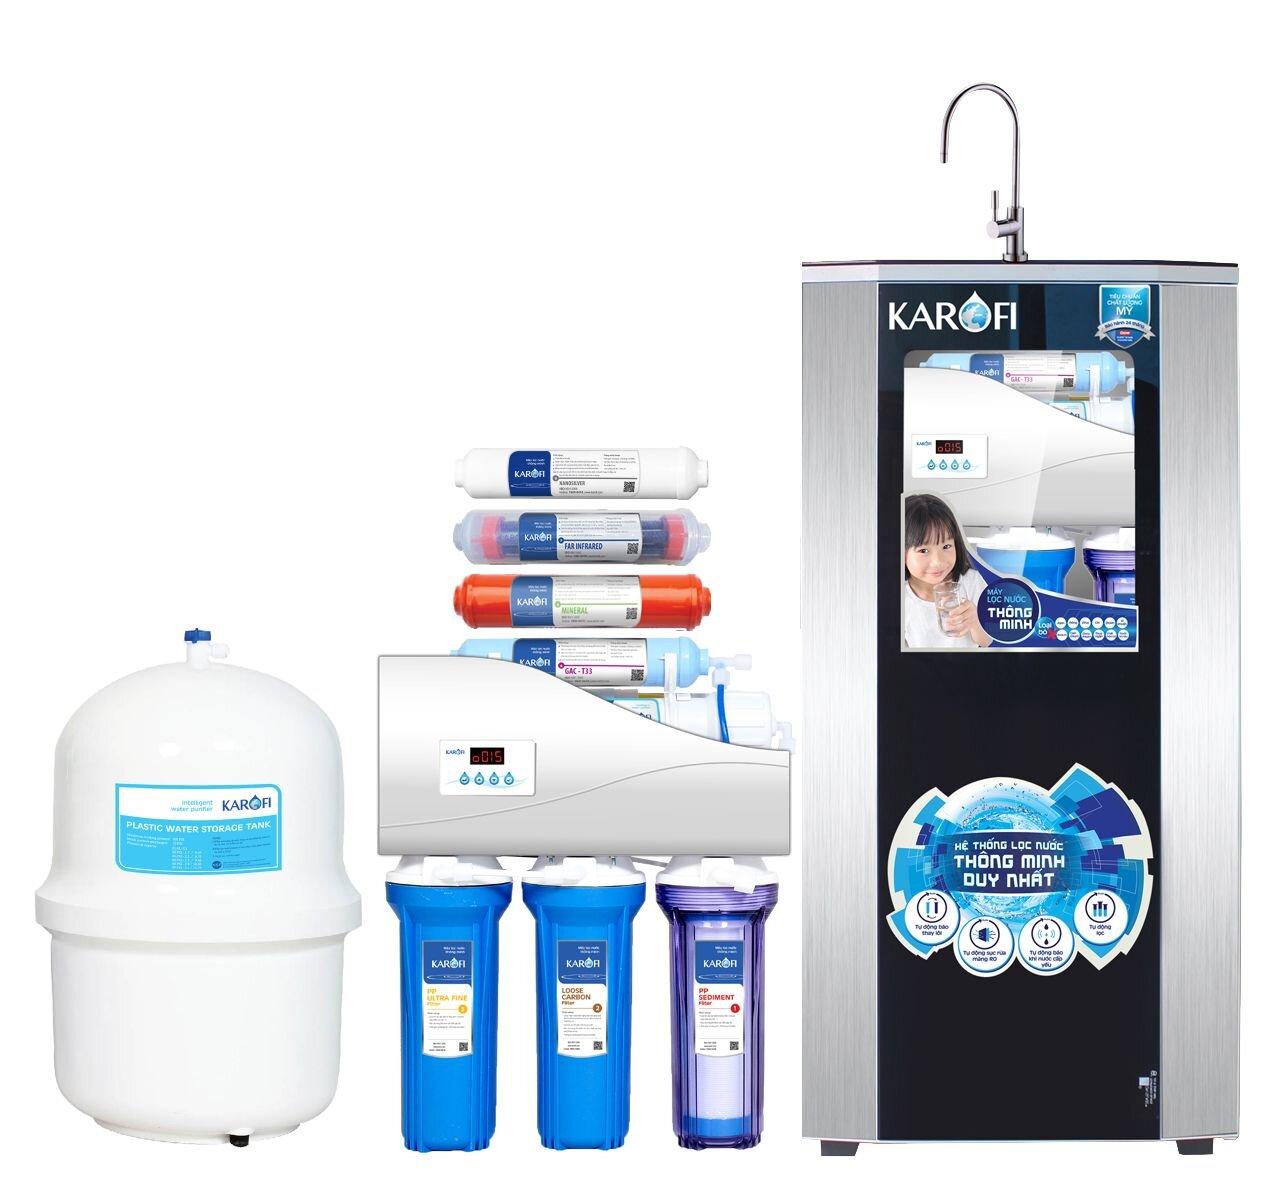 Máy lọc nước Karofi cao cấp và sang trọng